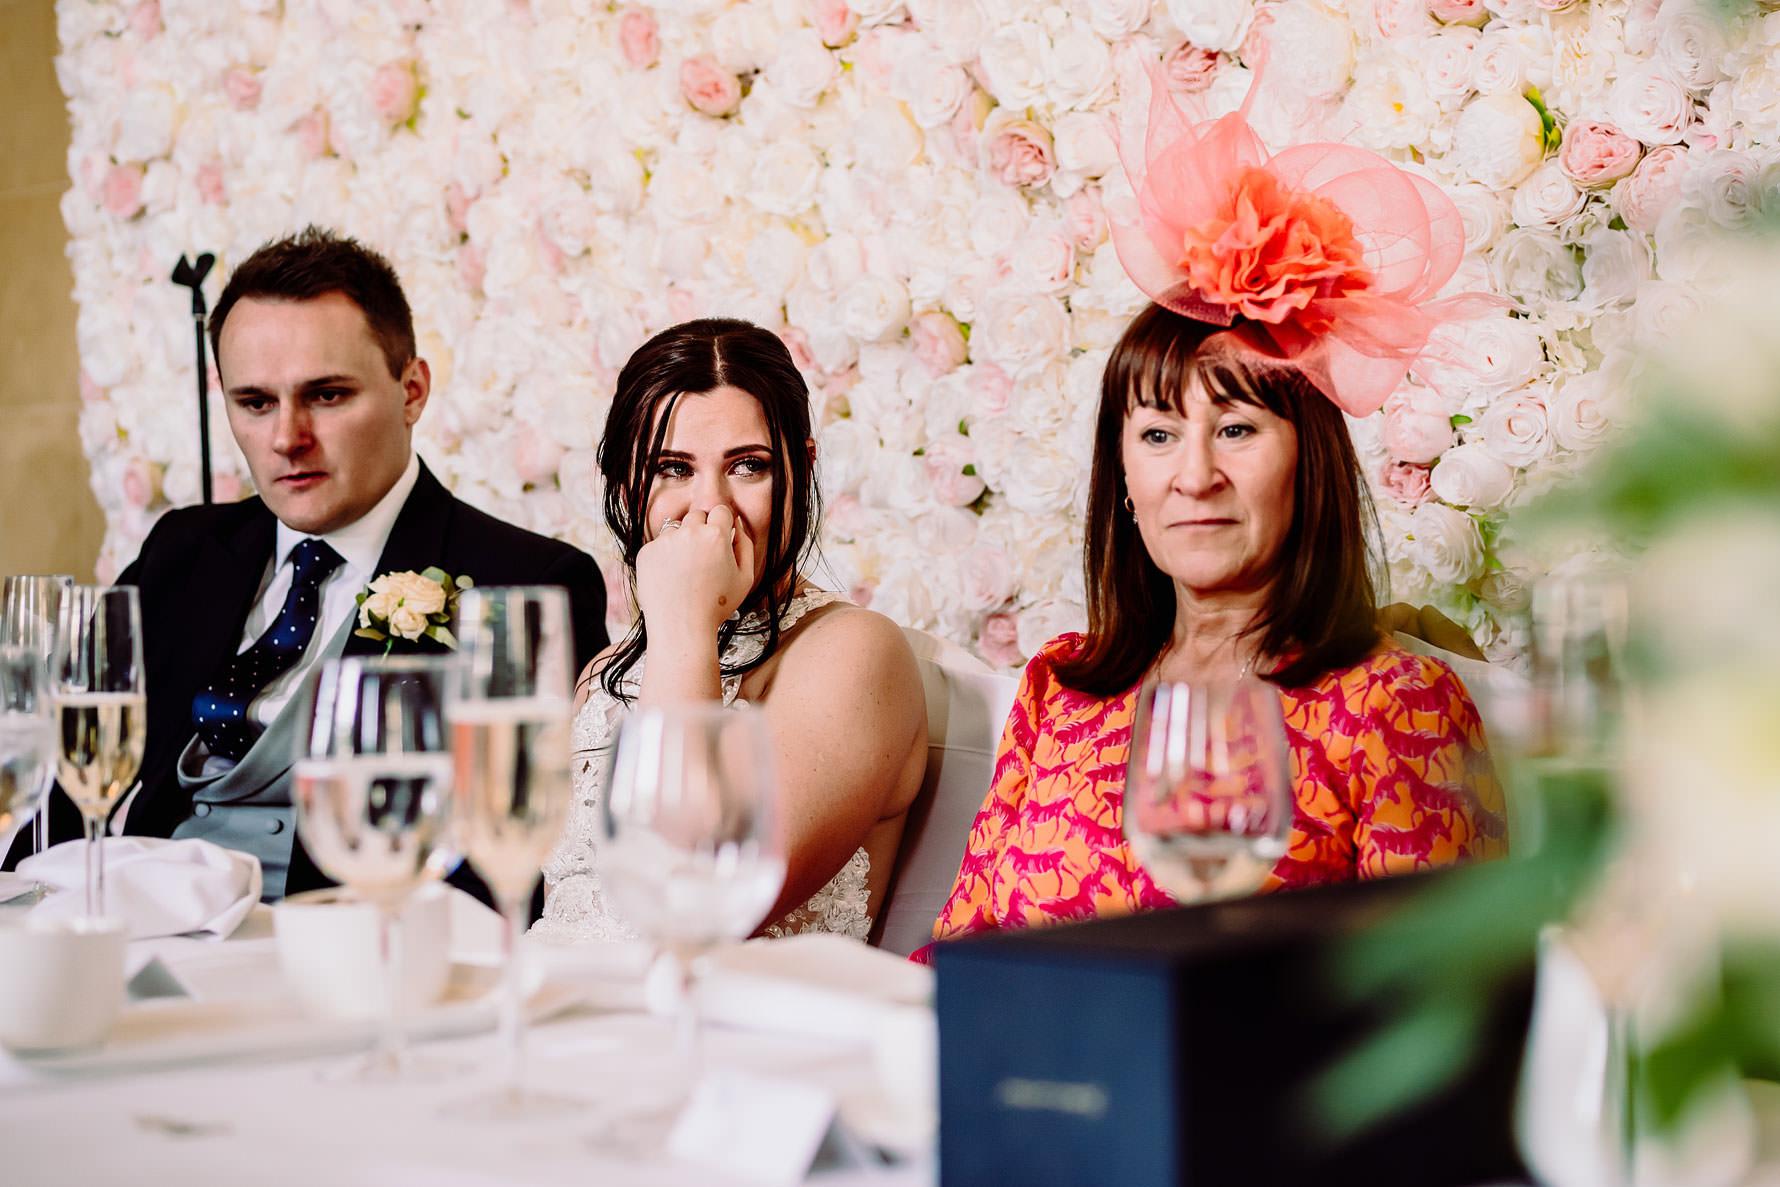 a bride laughs